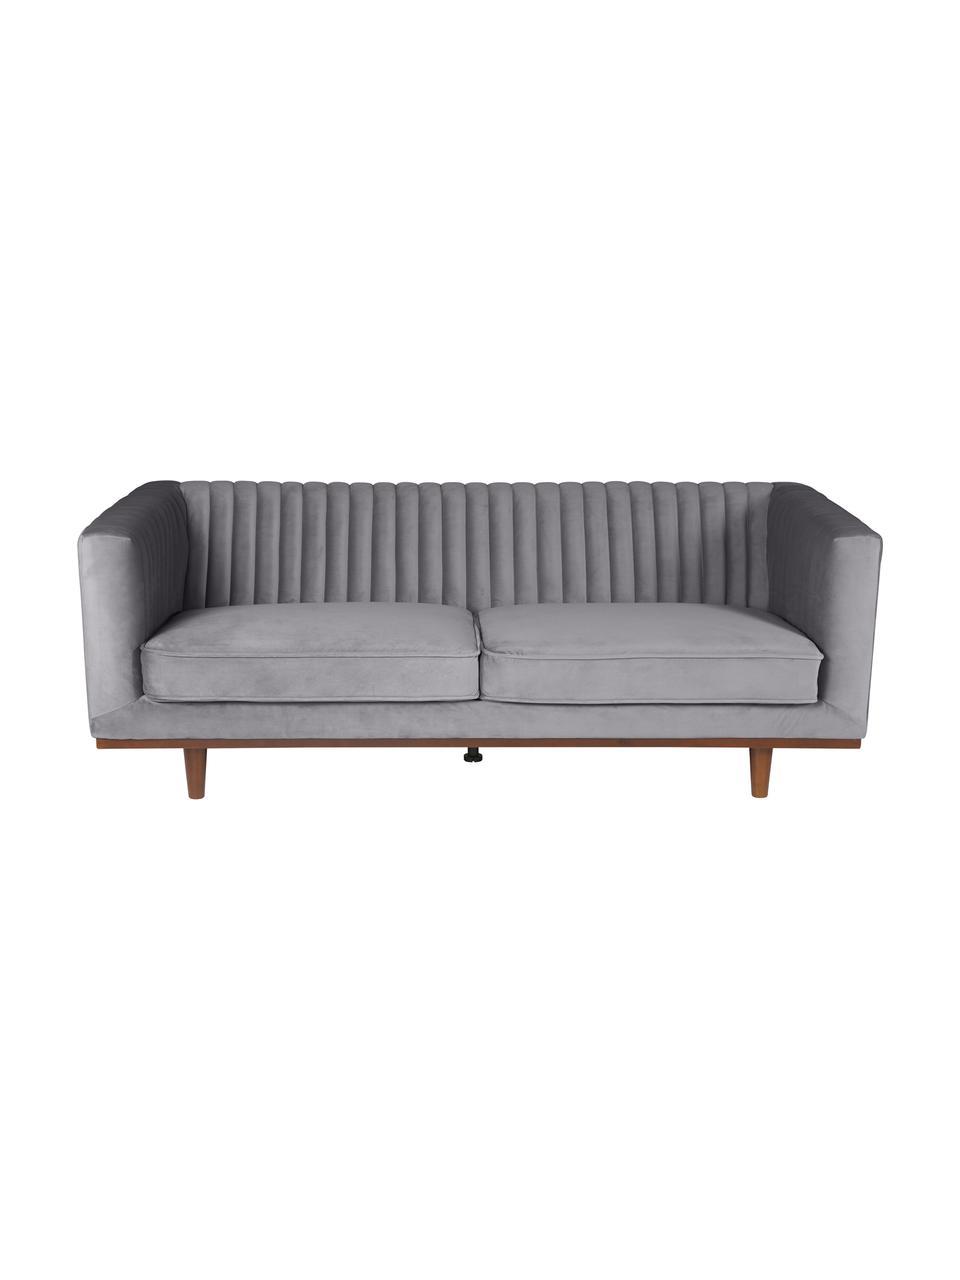 Samt-Sofa Dante (3-Sitzer) in Dunkelgrau mit Holz-Füßen, Bezug: Polyestersamt 50.000 Sche, Füße: Gummibaumholz, lackiert, Samt Dunkelgrau, B 210 x T 87 cm